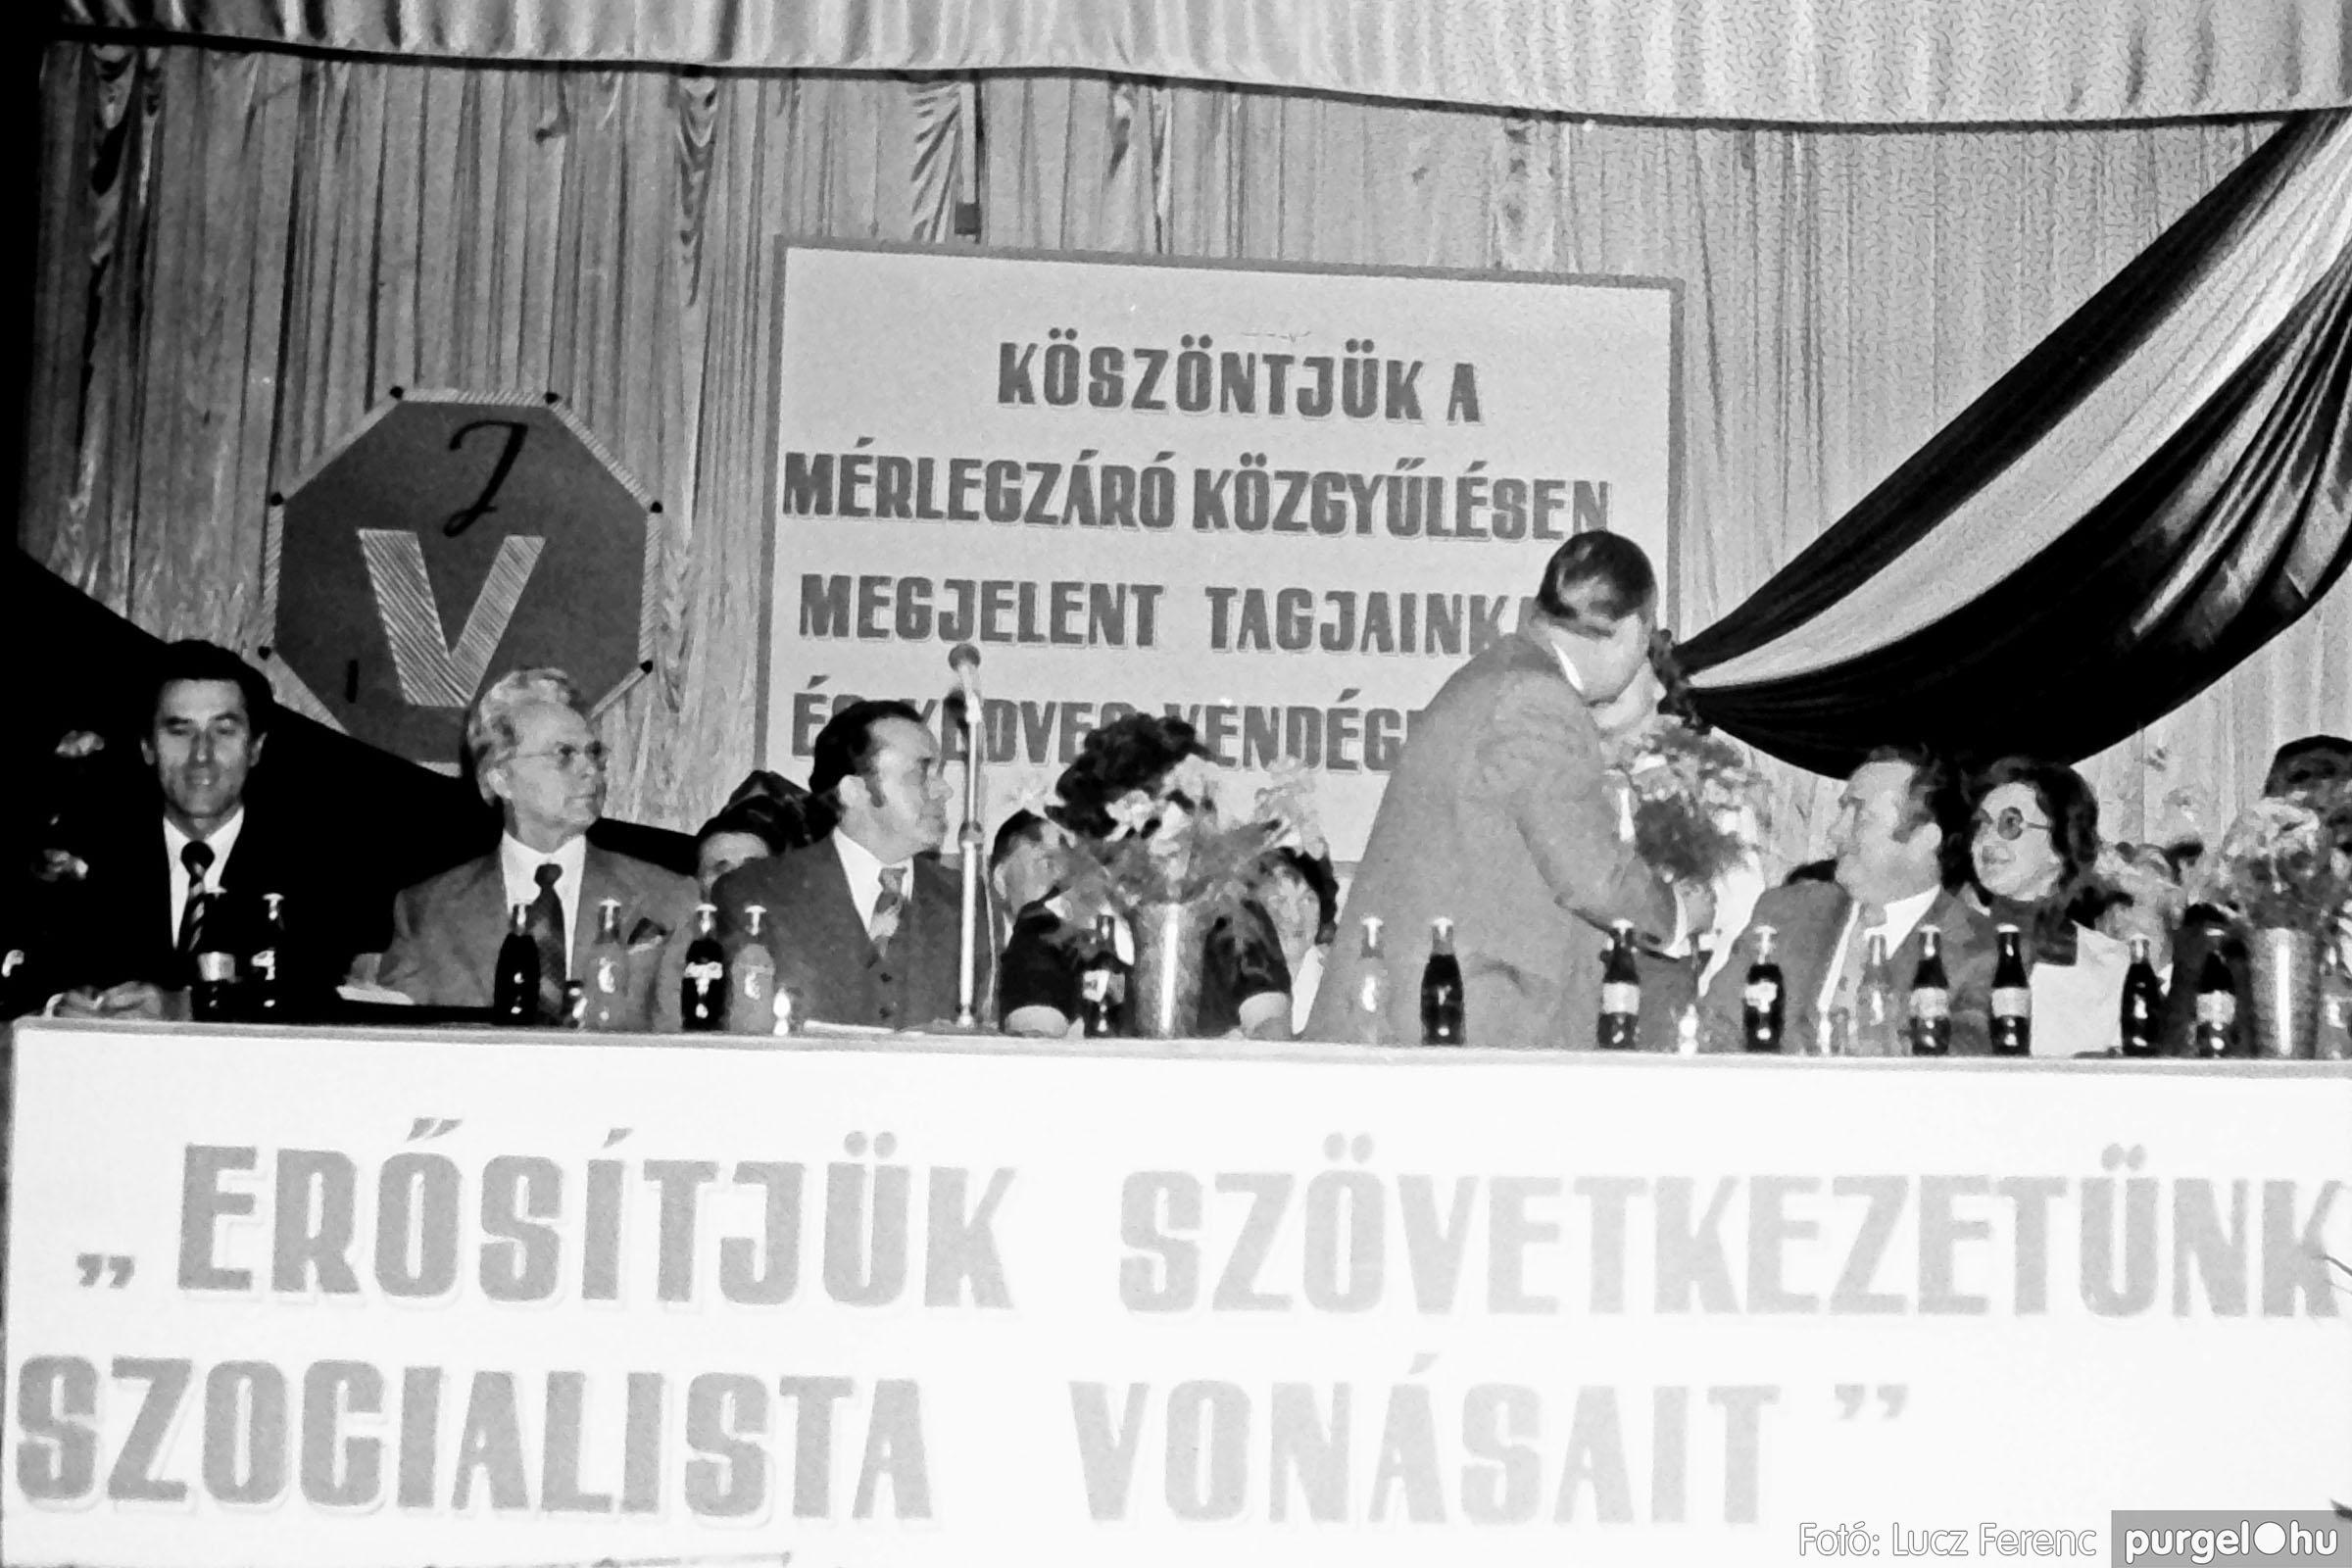 107. 1978. A KTSZ mérlegzáró közgyűlése 017. - Fotó: Lucz Ferenc.jpg